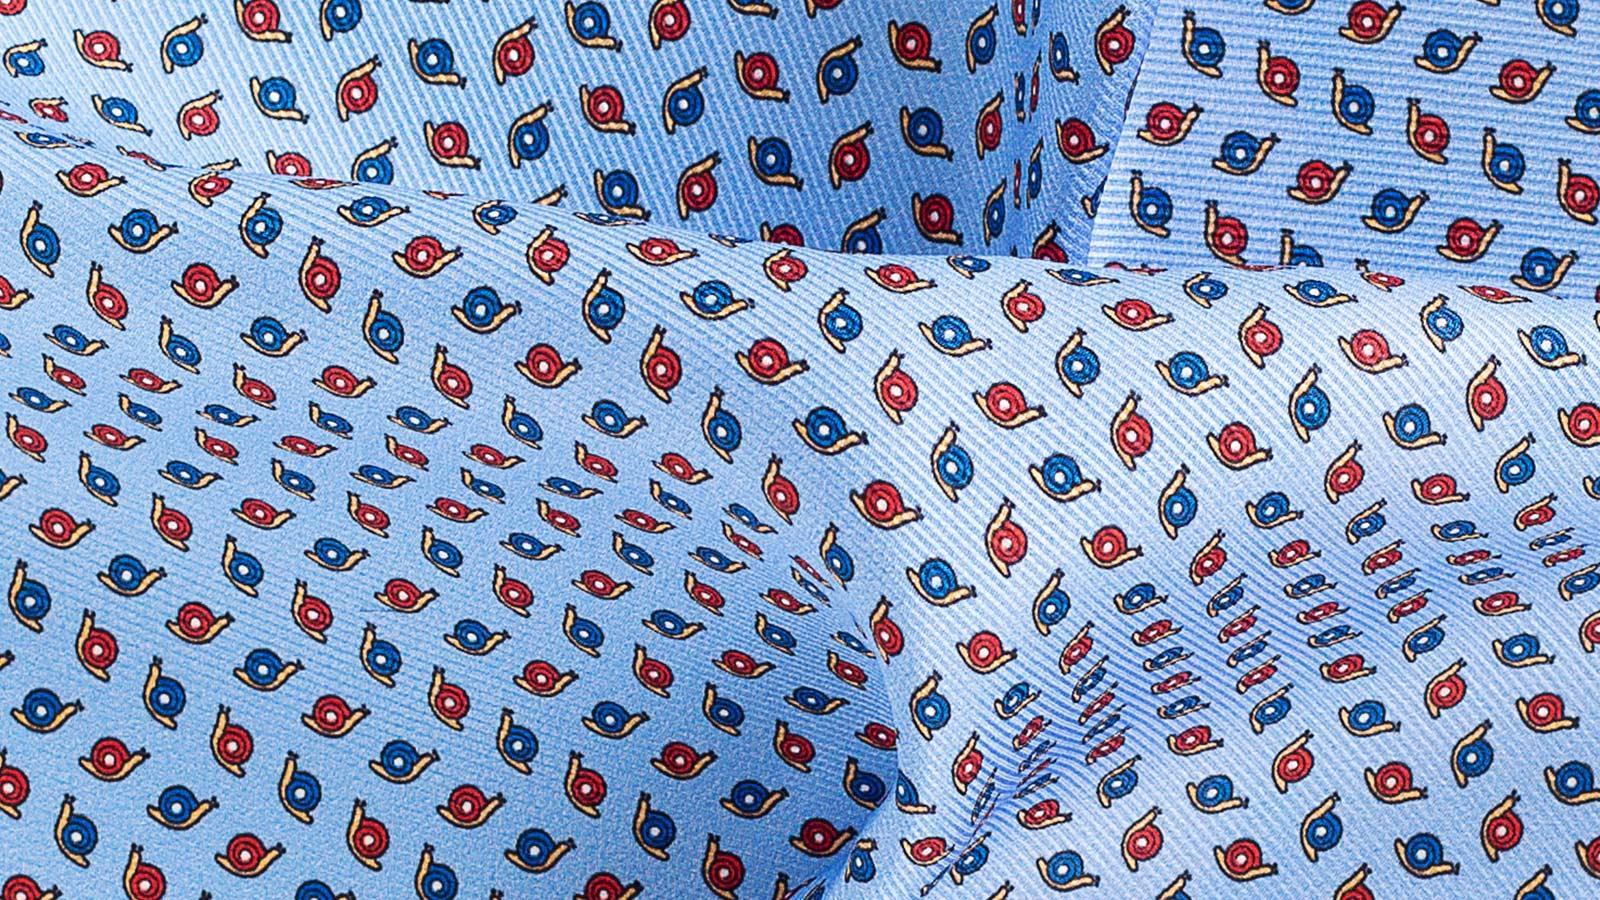 Blue & Sky Blue Snail Print Pocket Square - slider image